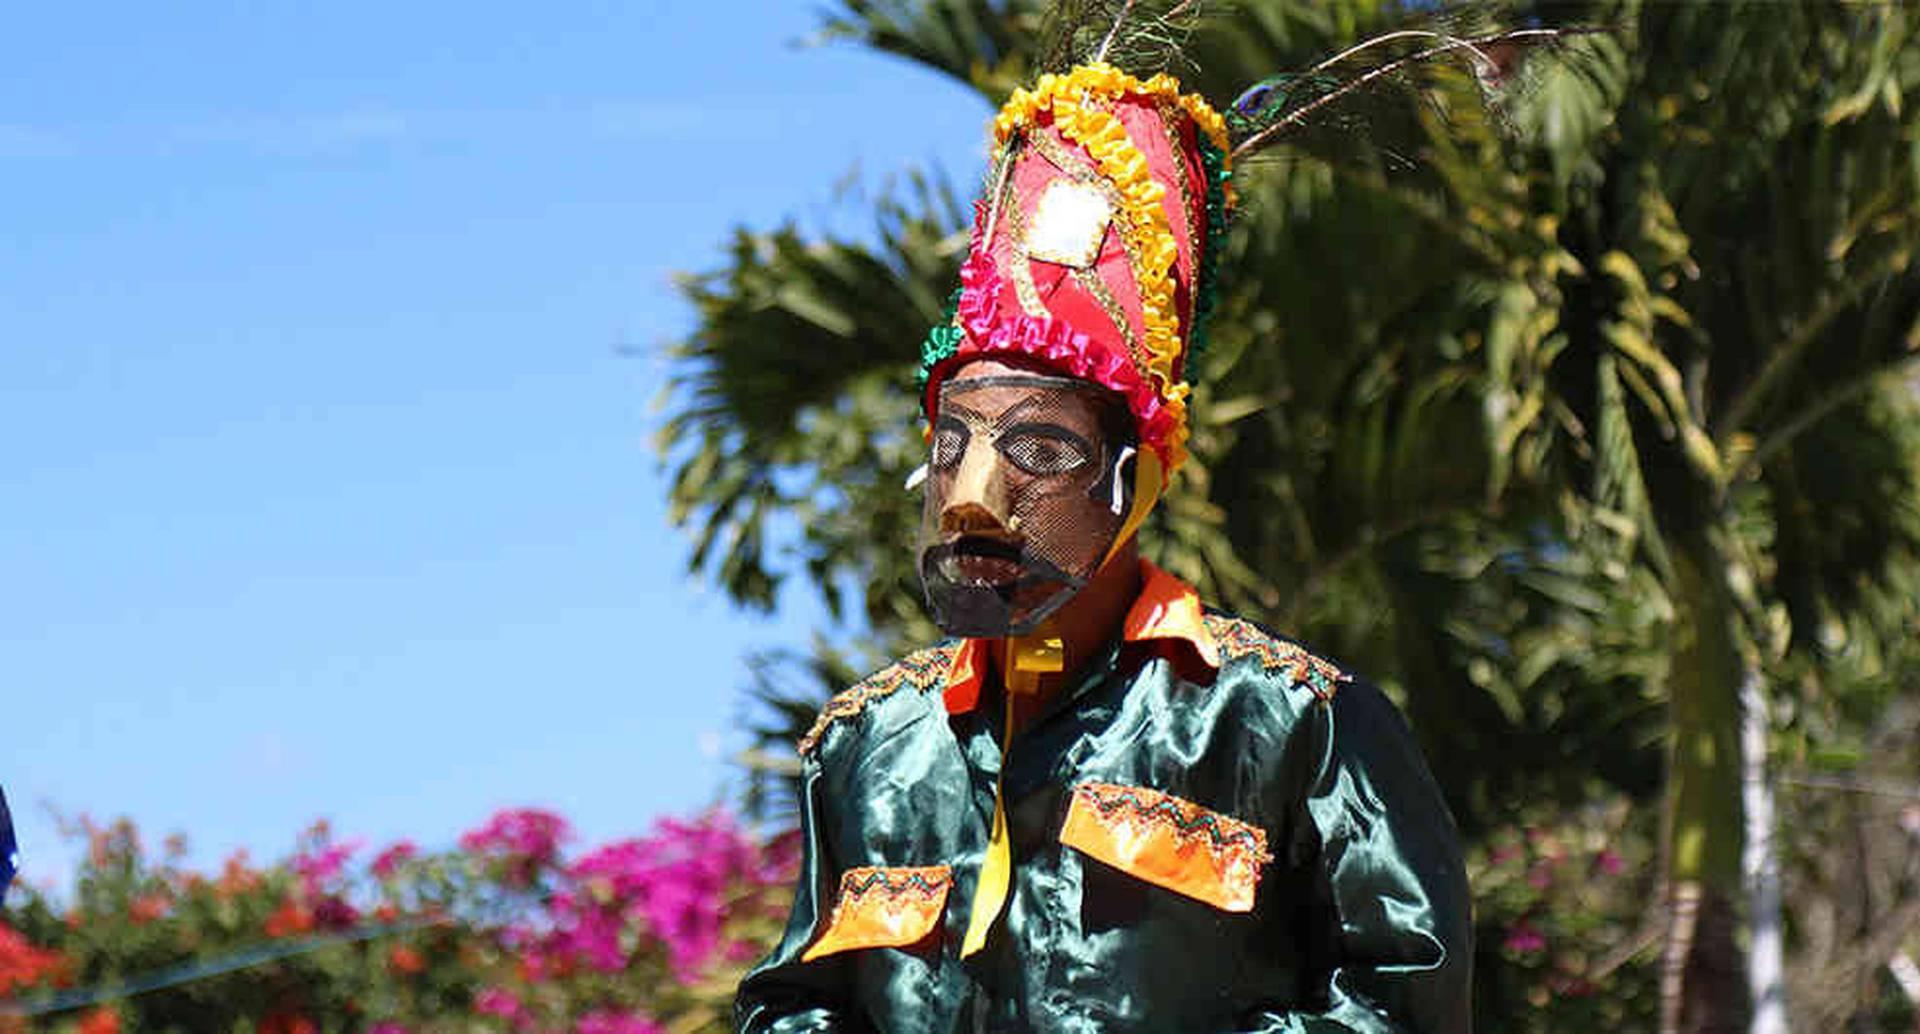 El sainete es una tradición que sigue viva. Se trata de historias que los esclavos usaban para burlarse de sus amos. Foto: Juan José Quintero / Alcaldía de Girardota